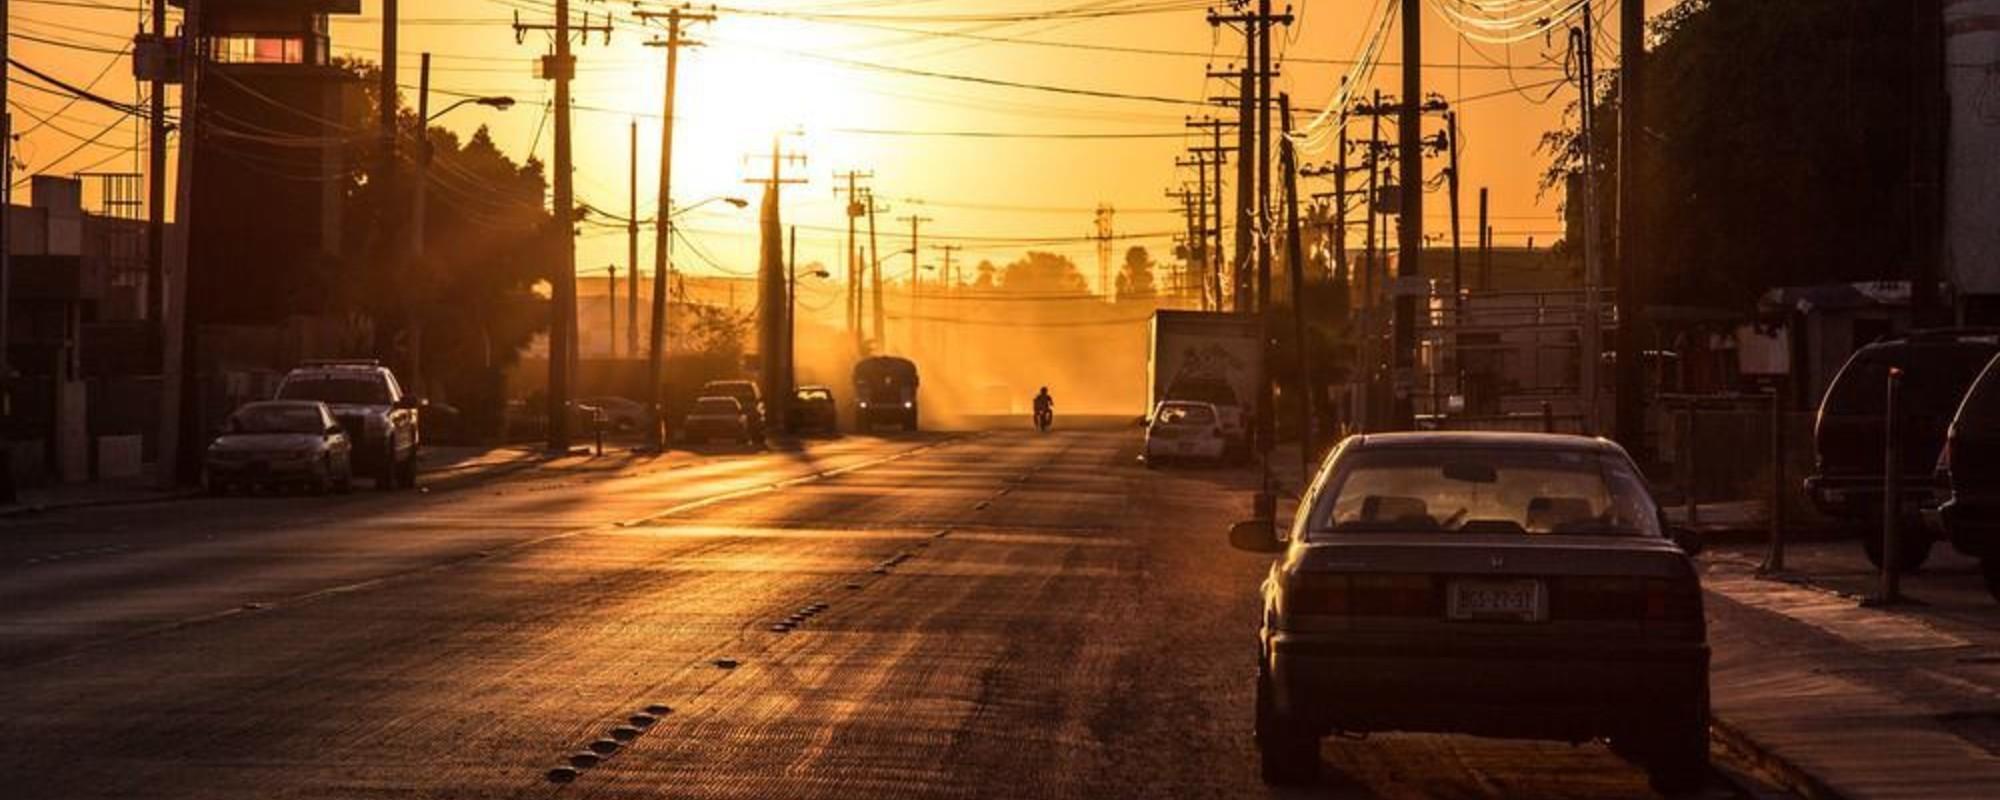 Fotos de cómo es realmente Tijuana